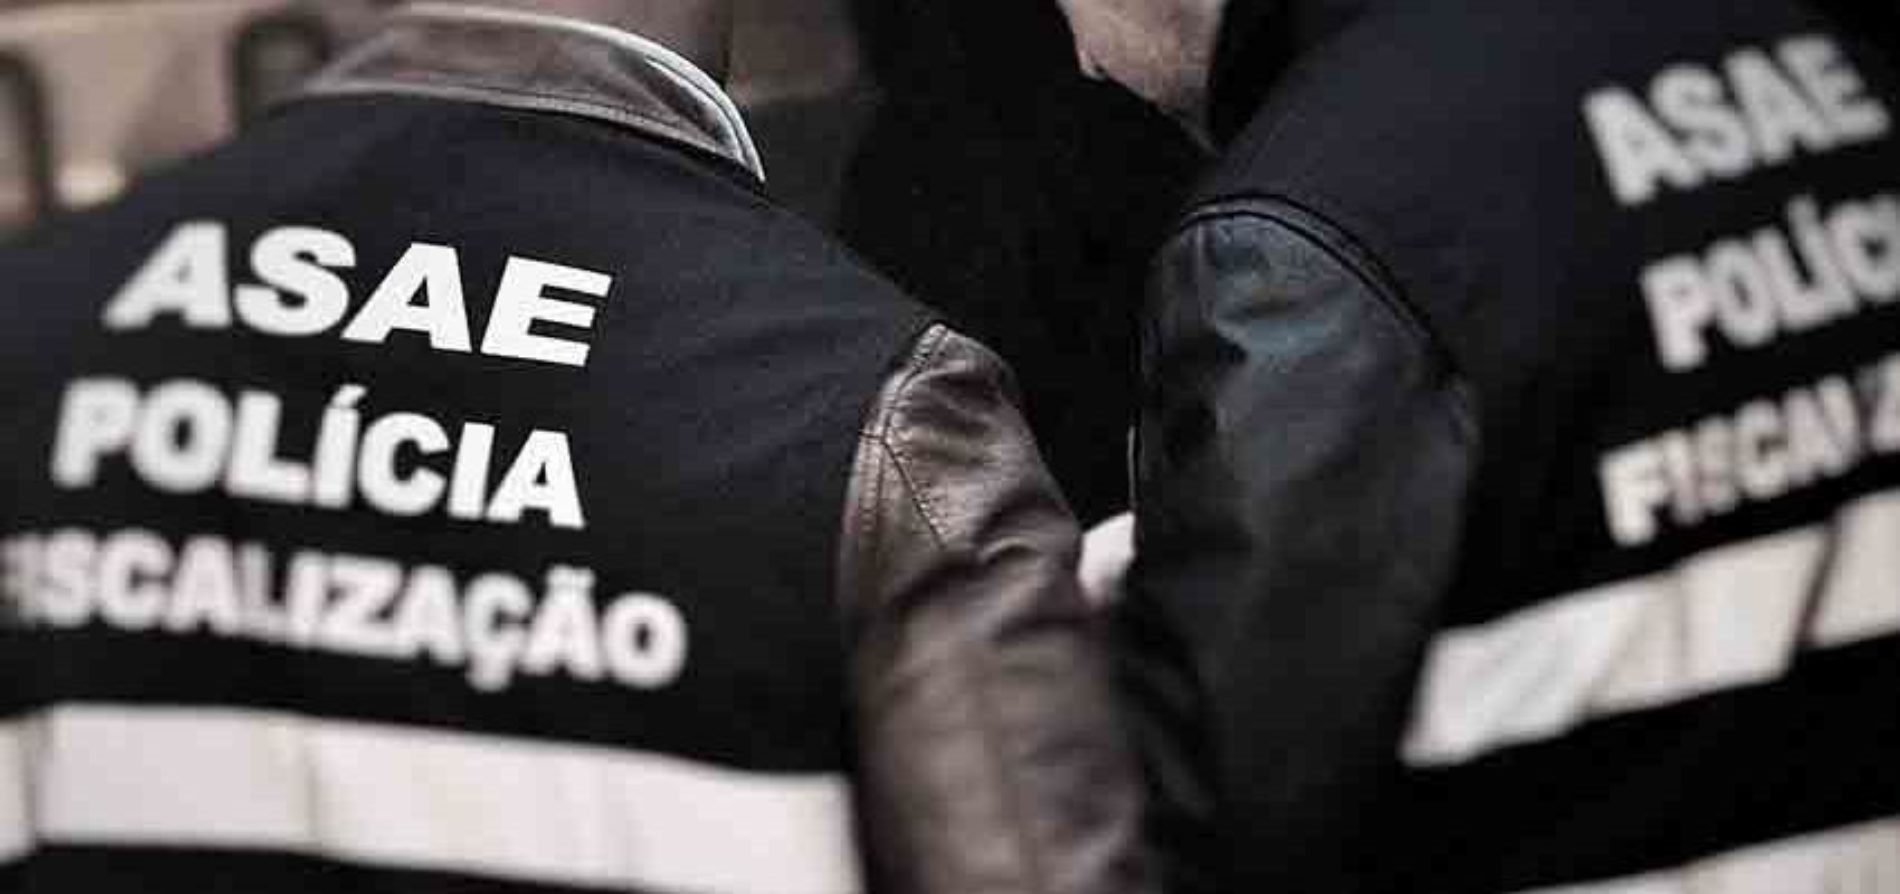 ASAE fechou 34 estabelecimentos de panificação e pastelaria em 2019